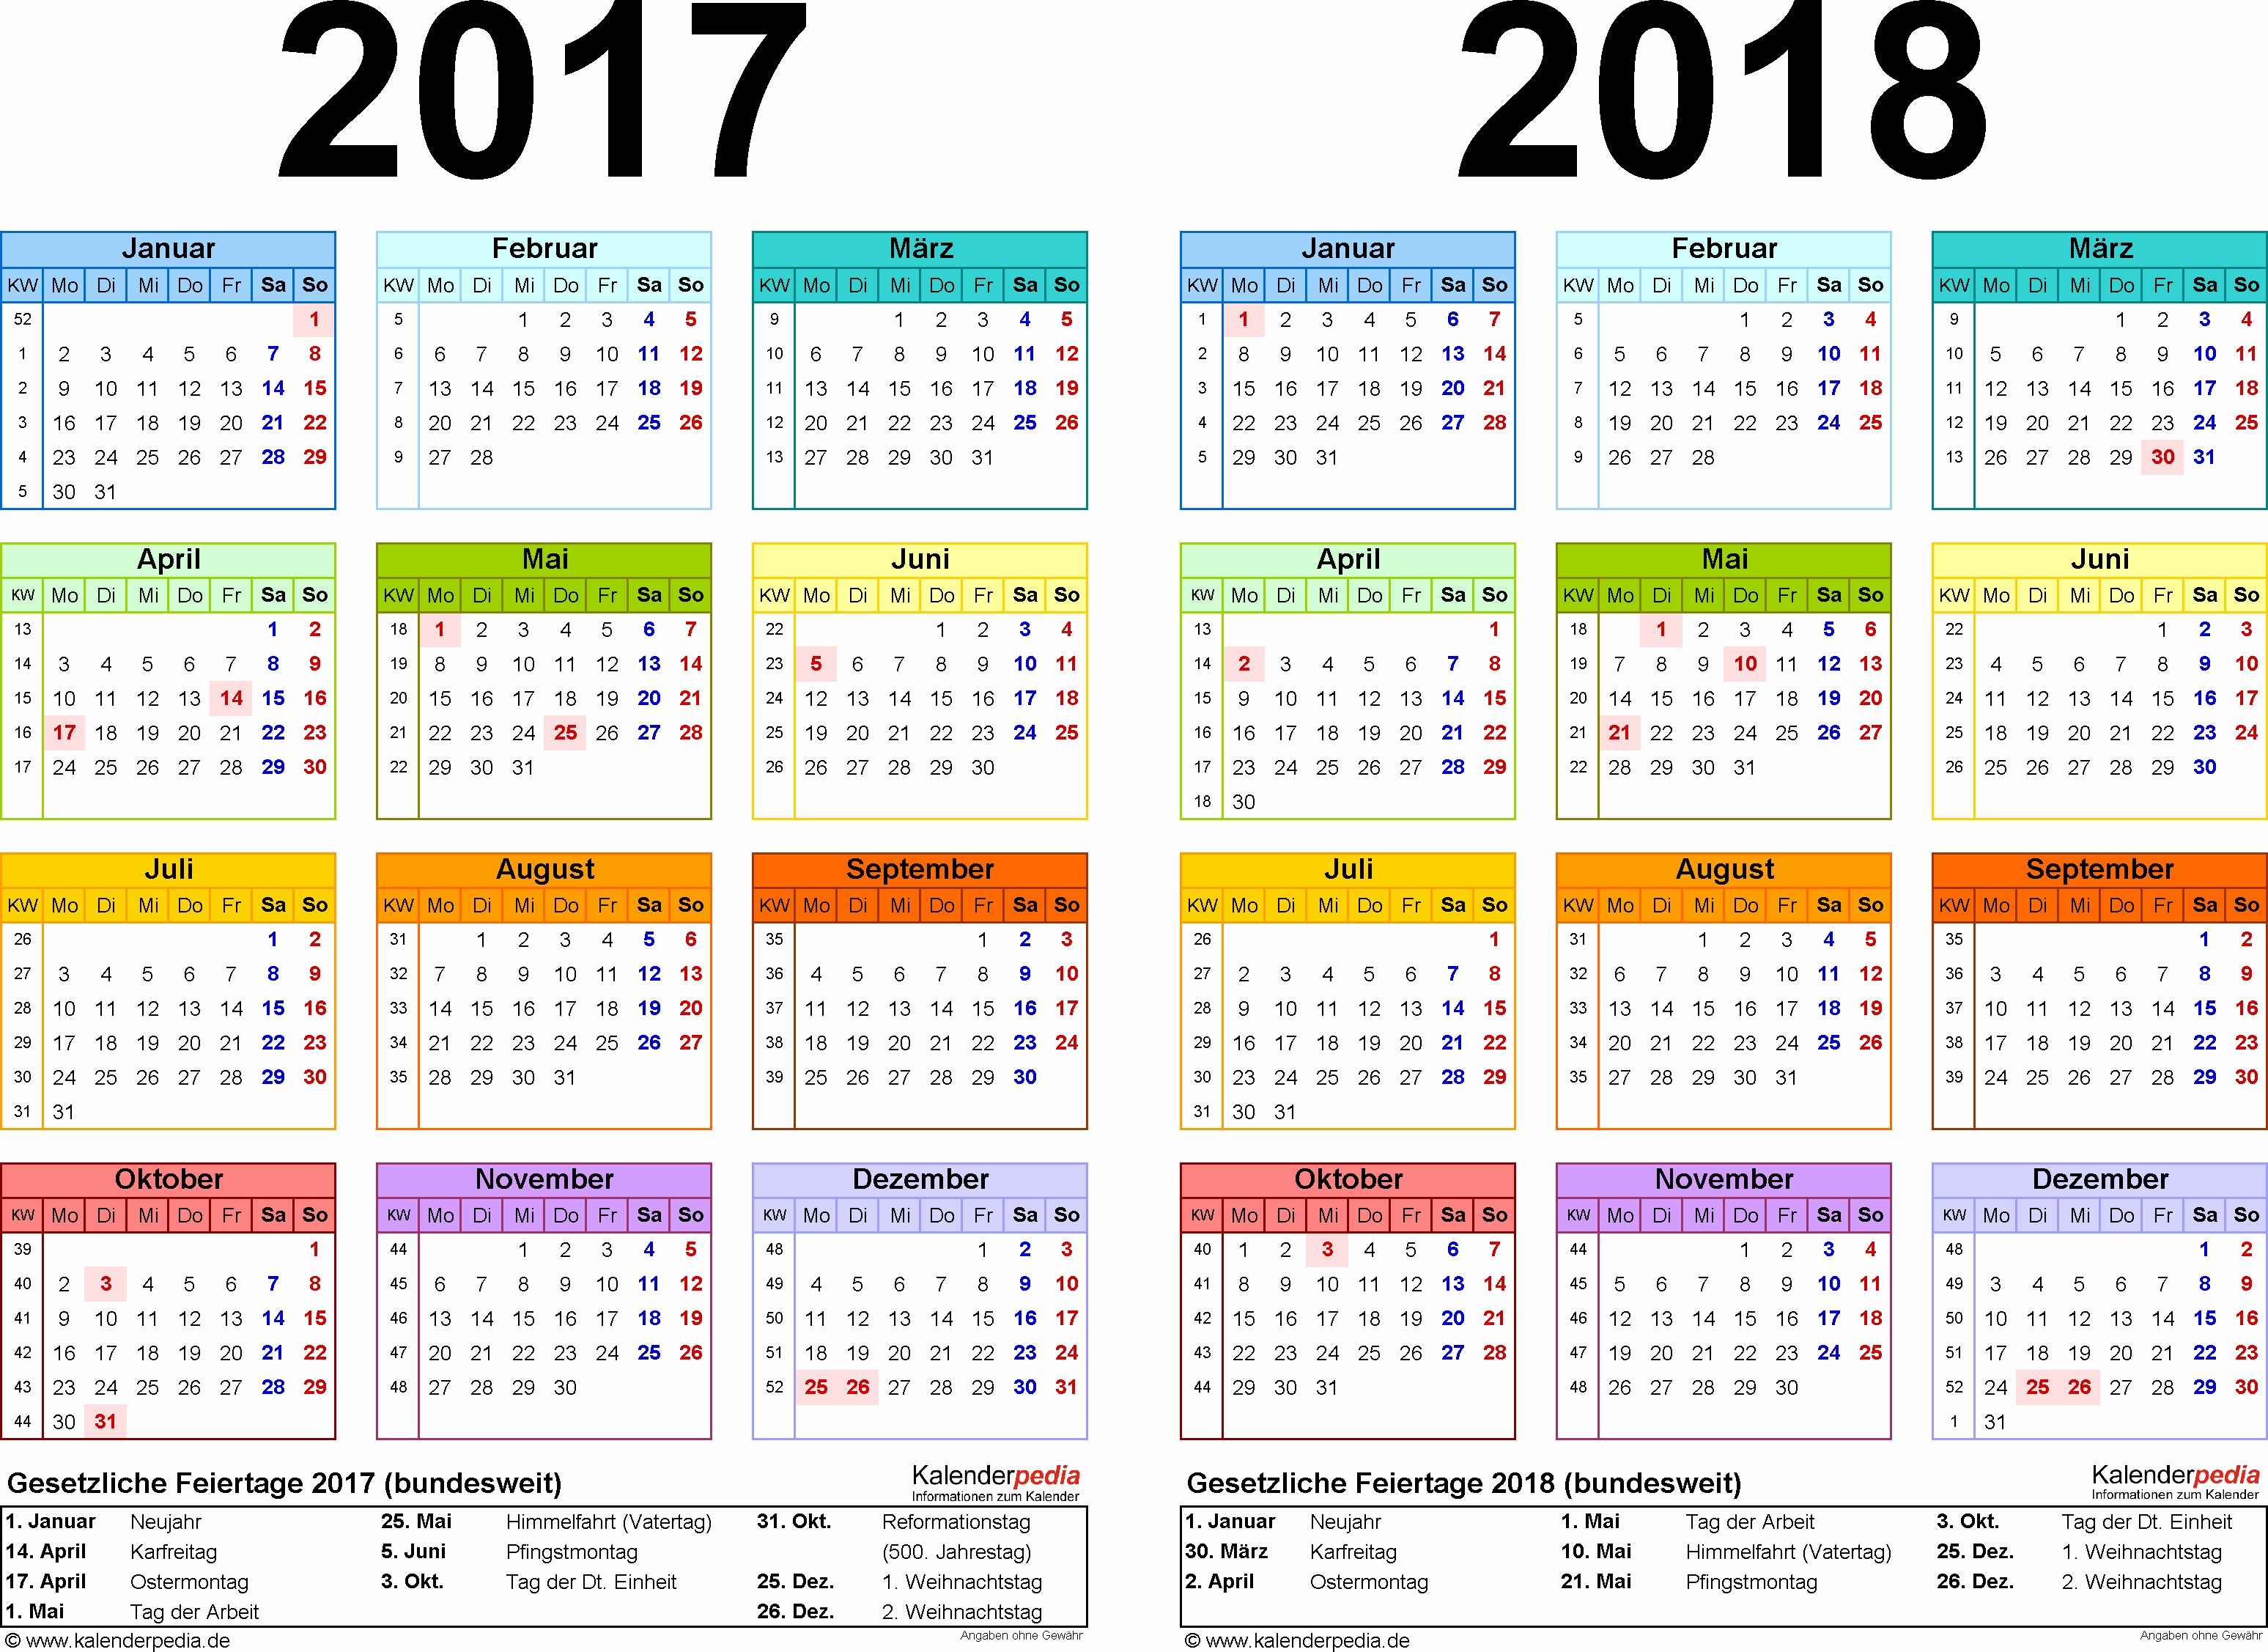 Monatskalender 2017 Zum Ausdrucken Typen Zweijahreskalender 2017 & 2018 Als Pdf Vorlagen Zum Ausdrucken